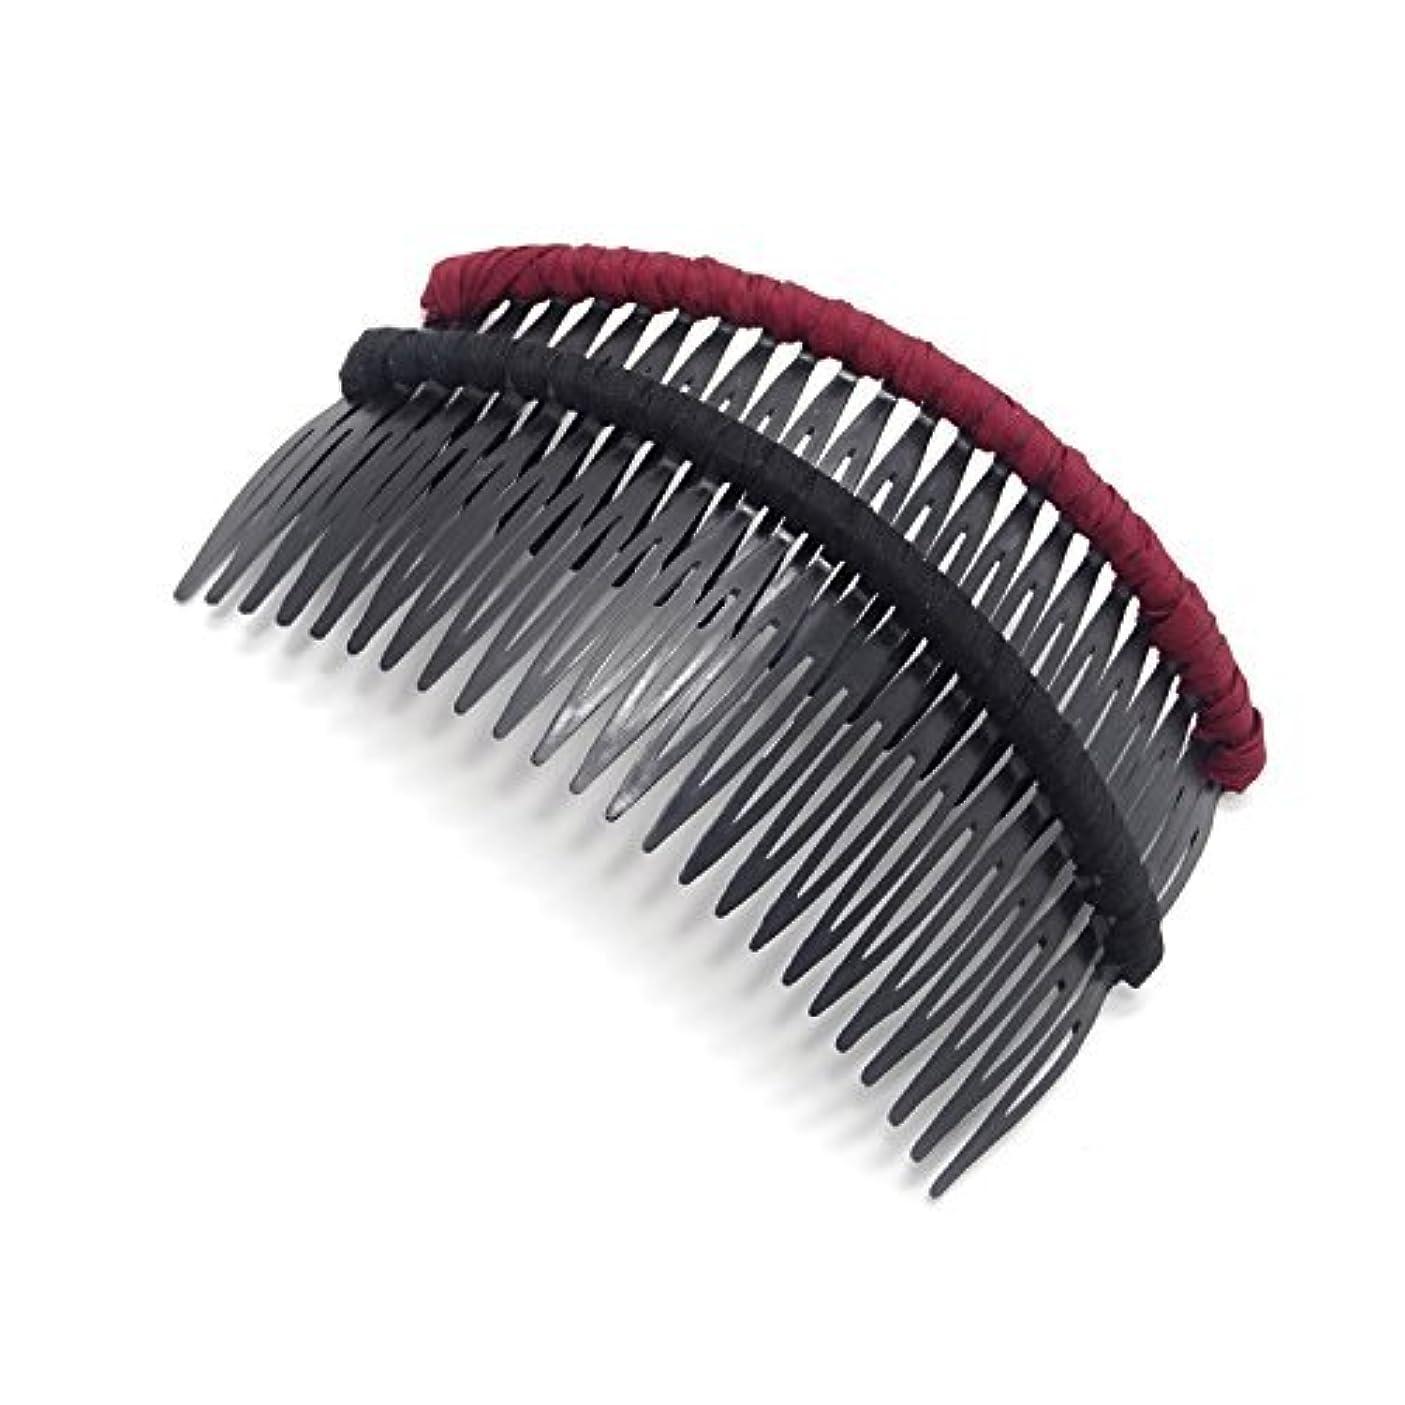 前者姓ペストHonbay 2 PCS Different Color 24 Teeth Plastic Hair Comb Tuck Comb Hair Clip Hair Accessory for Women and Girls...